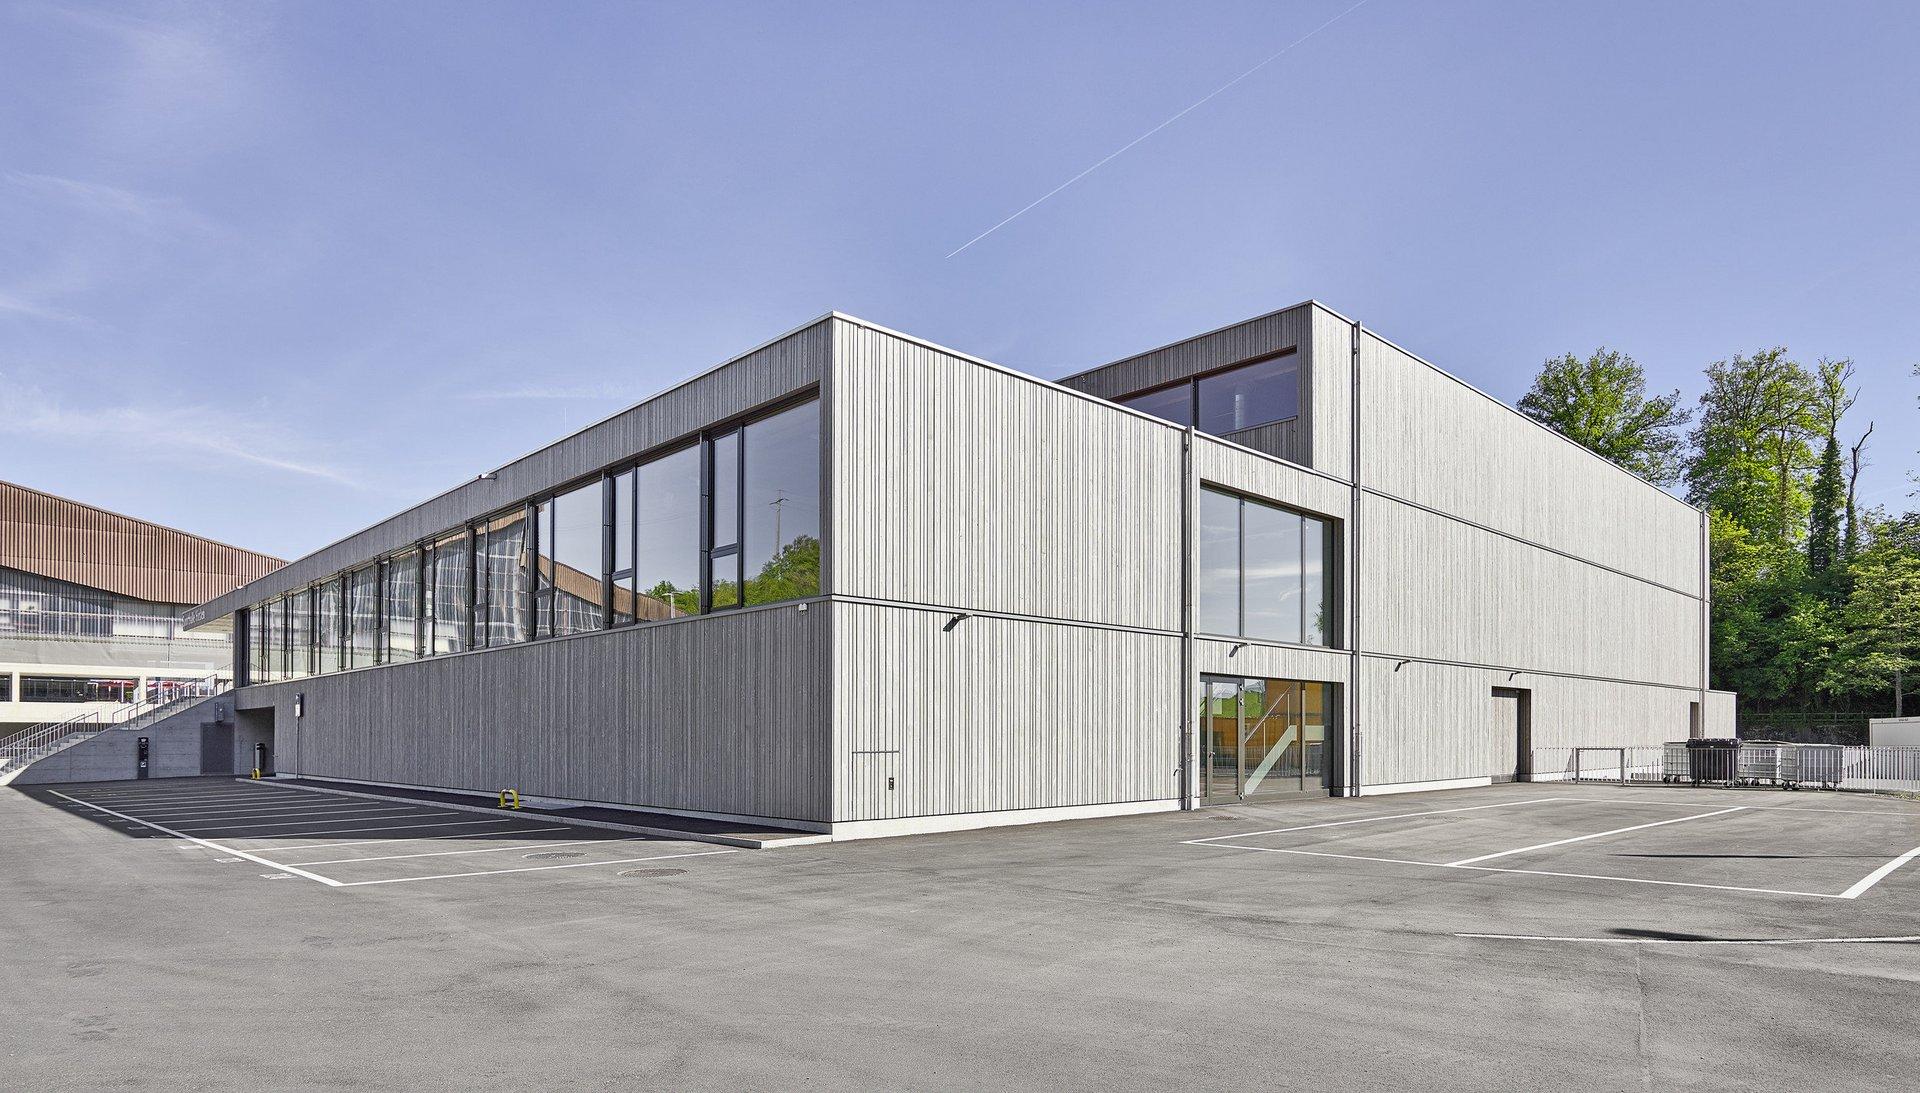 Grande salle de sport, vue extérieure, façade en bois d'épicéa gris